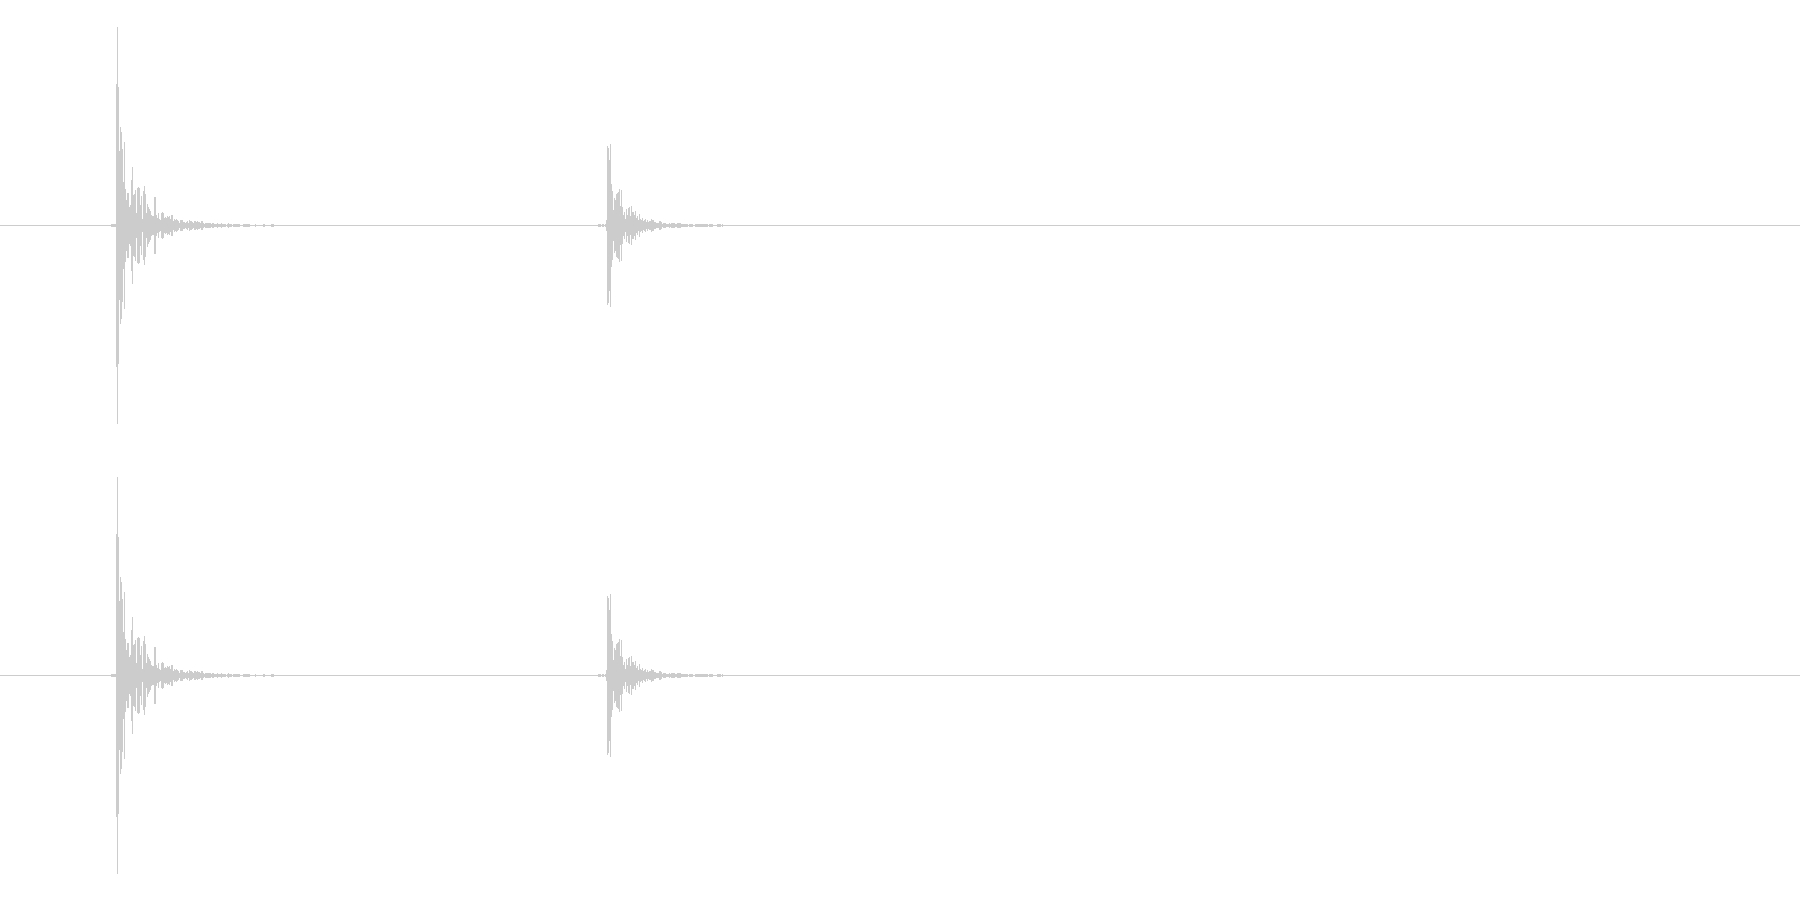 コト(コップを置く音)7の未再生の波形